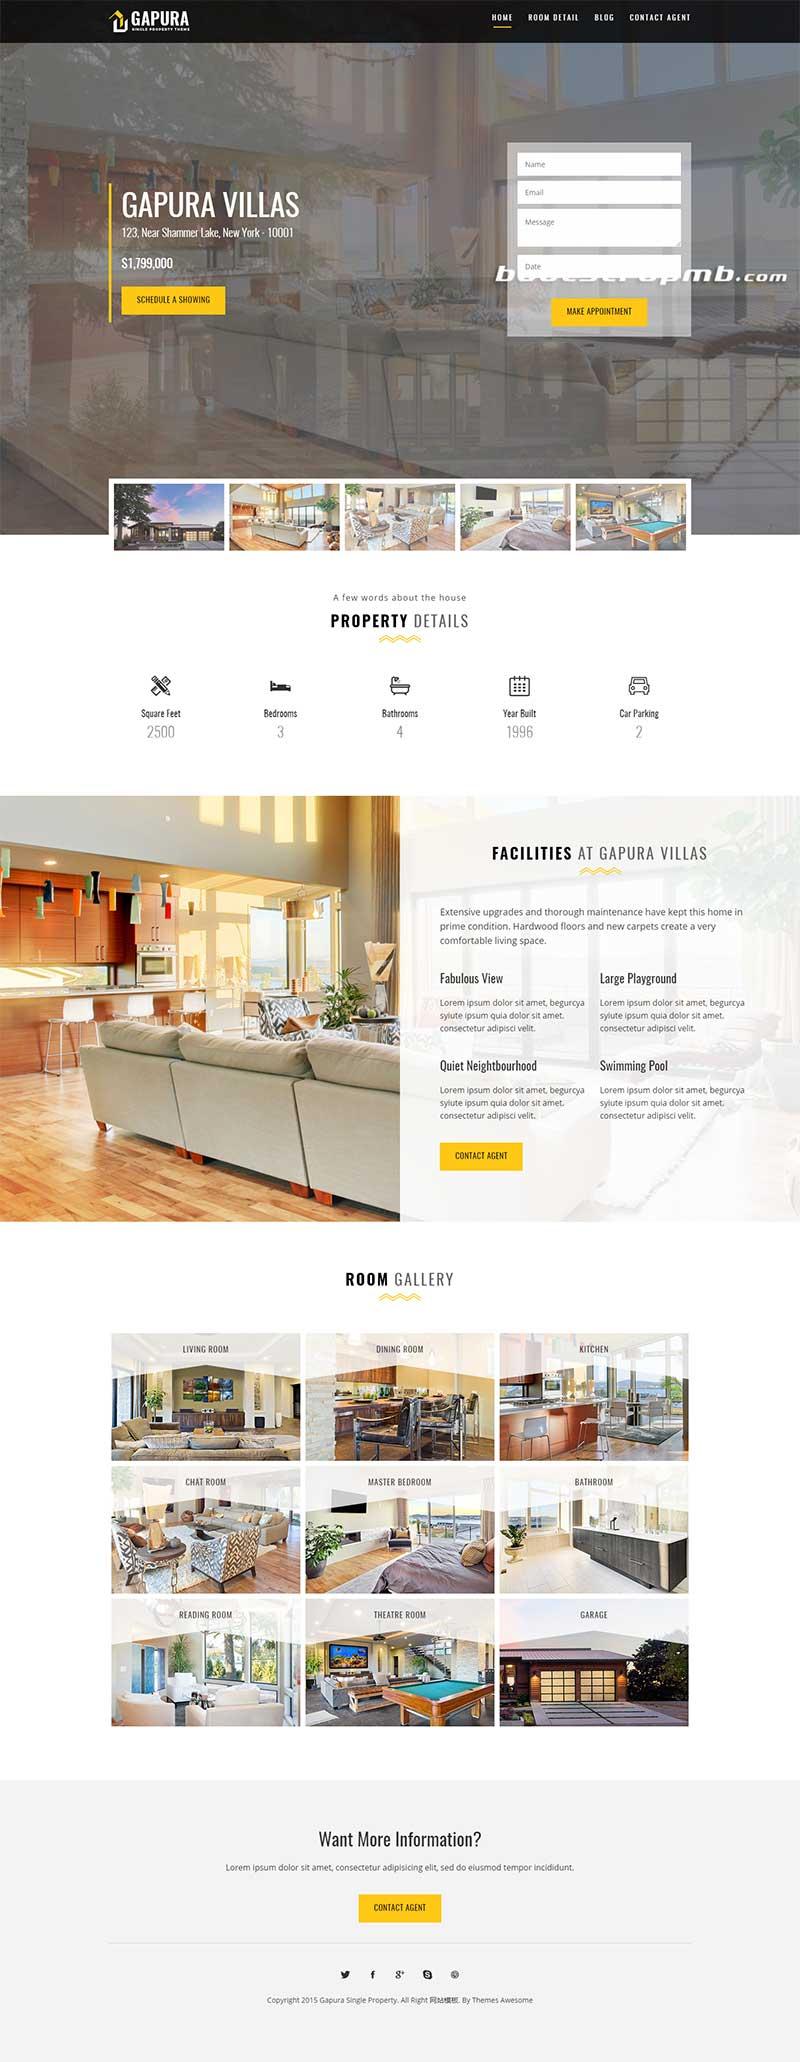 房产中介公司网站静态HTML模板